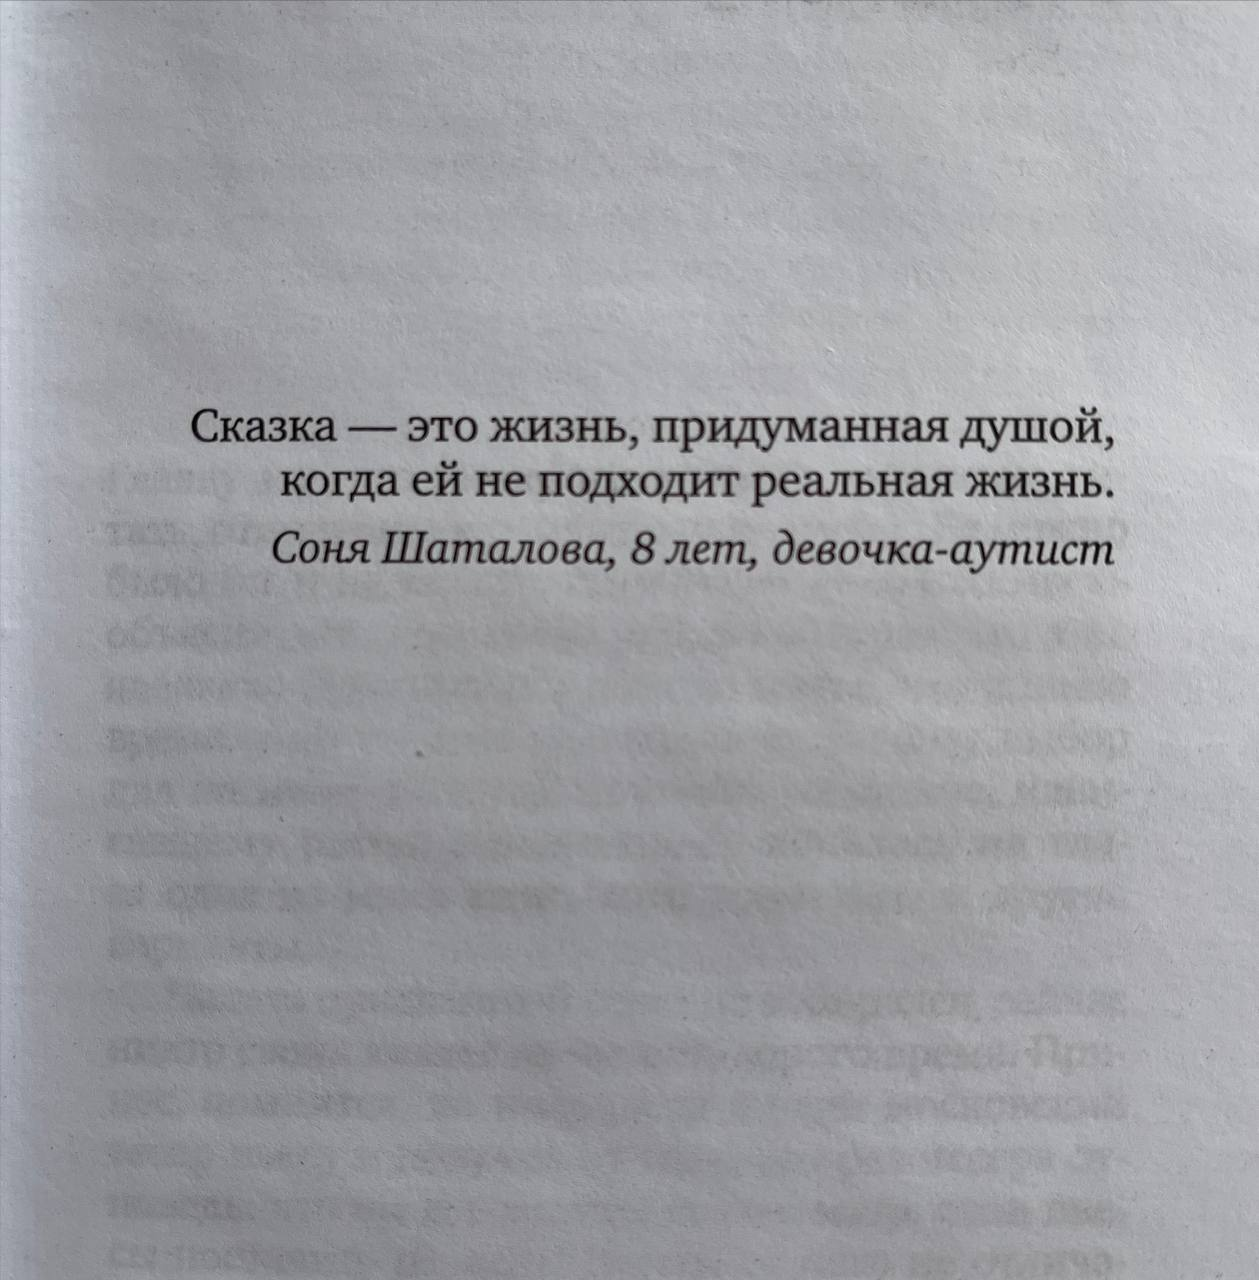 Какой прекрасный эпиграф у книги Николая Дежнева «Между строк» ️